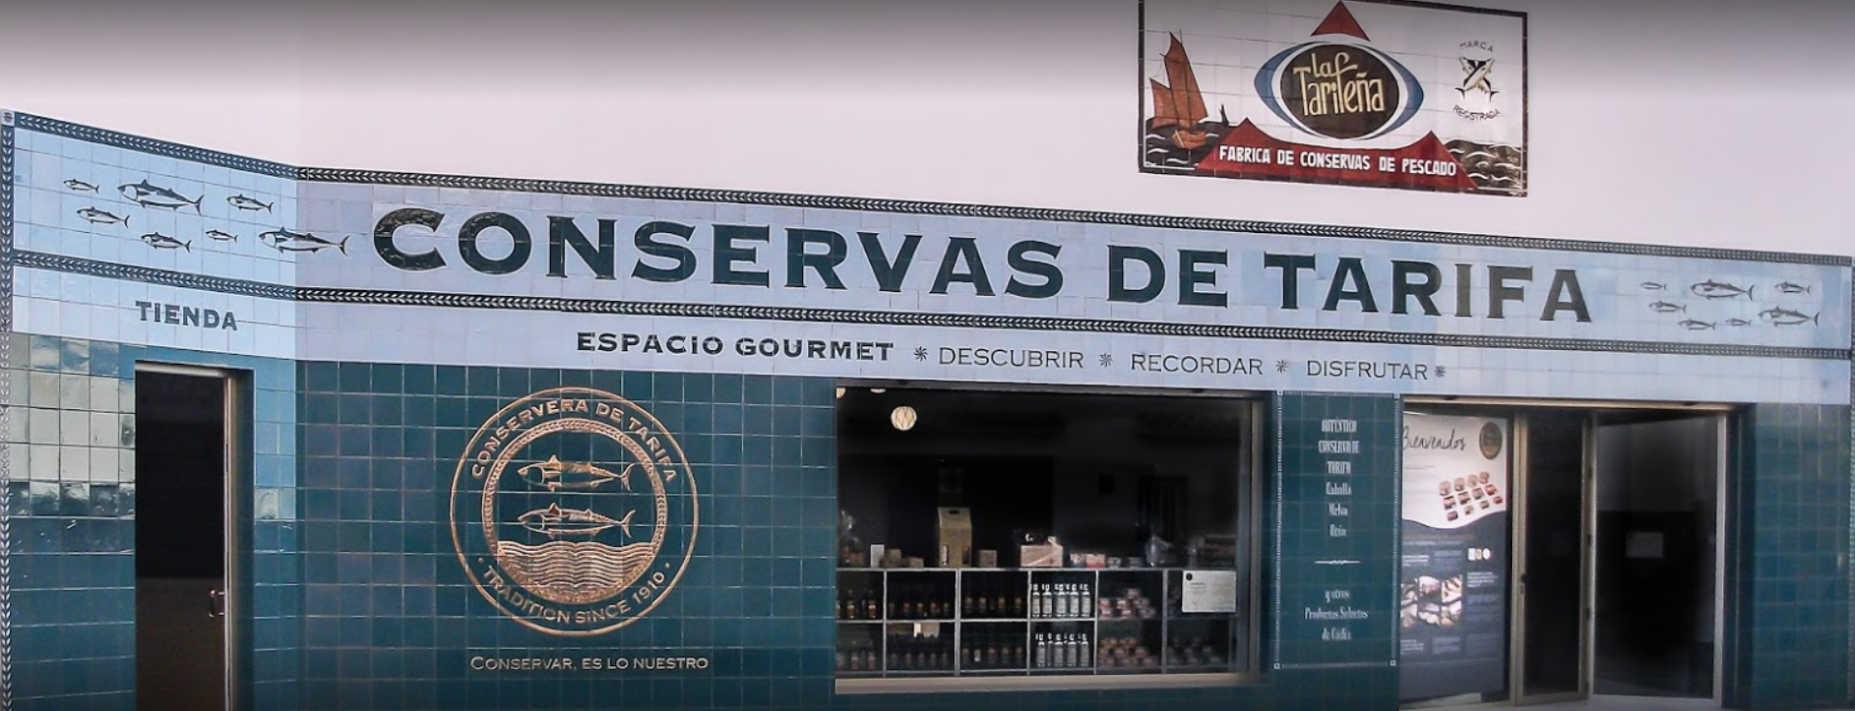 Fischgeschäft Conservera de Tarifa